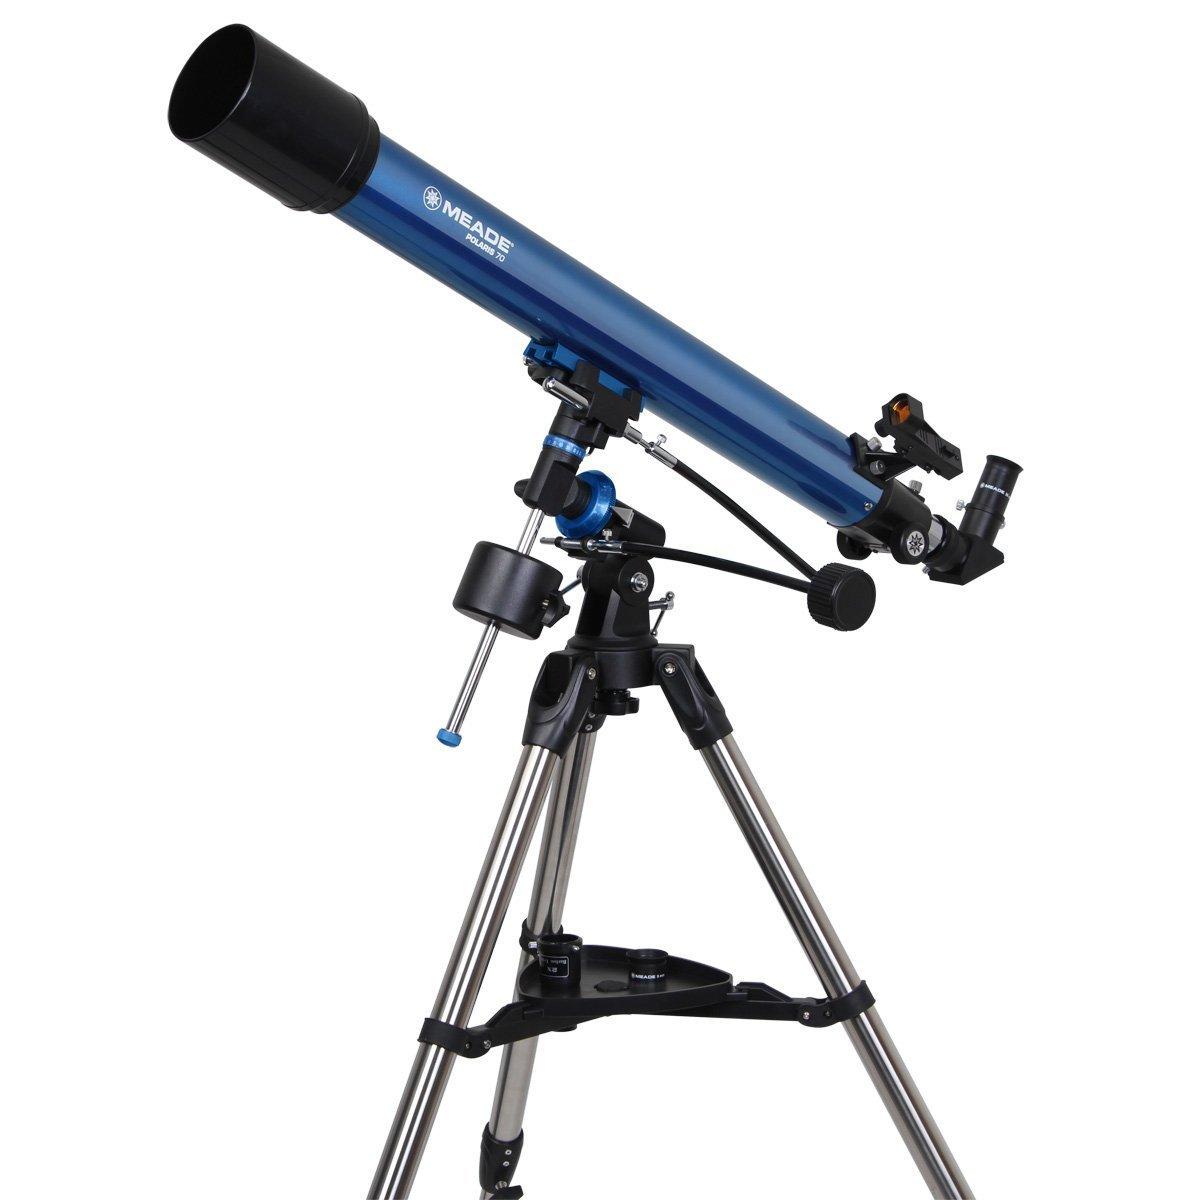 Blue iOptron 6002 900X70 Refractor Telescope